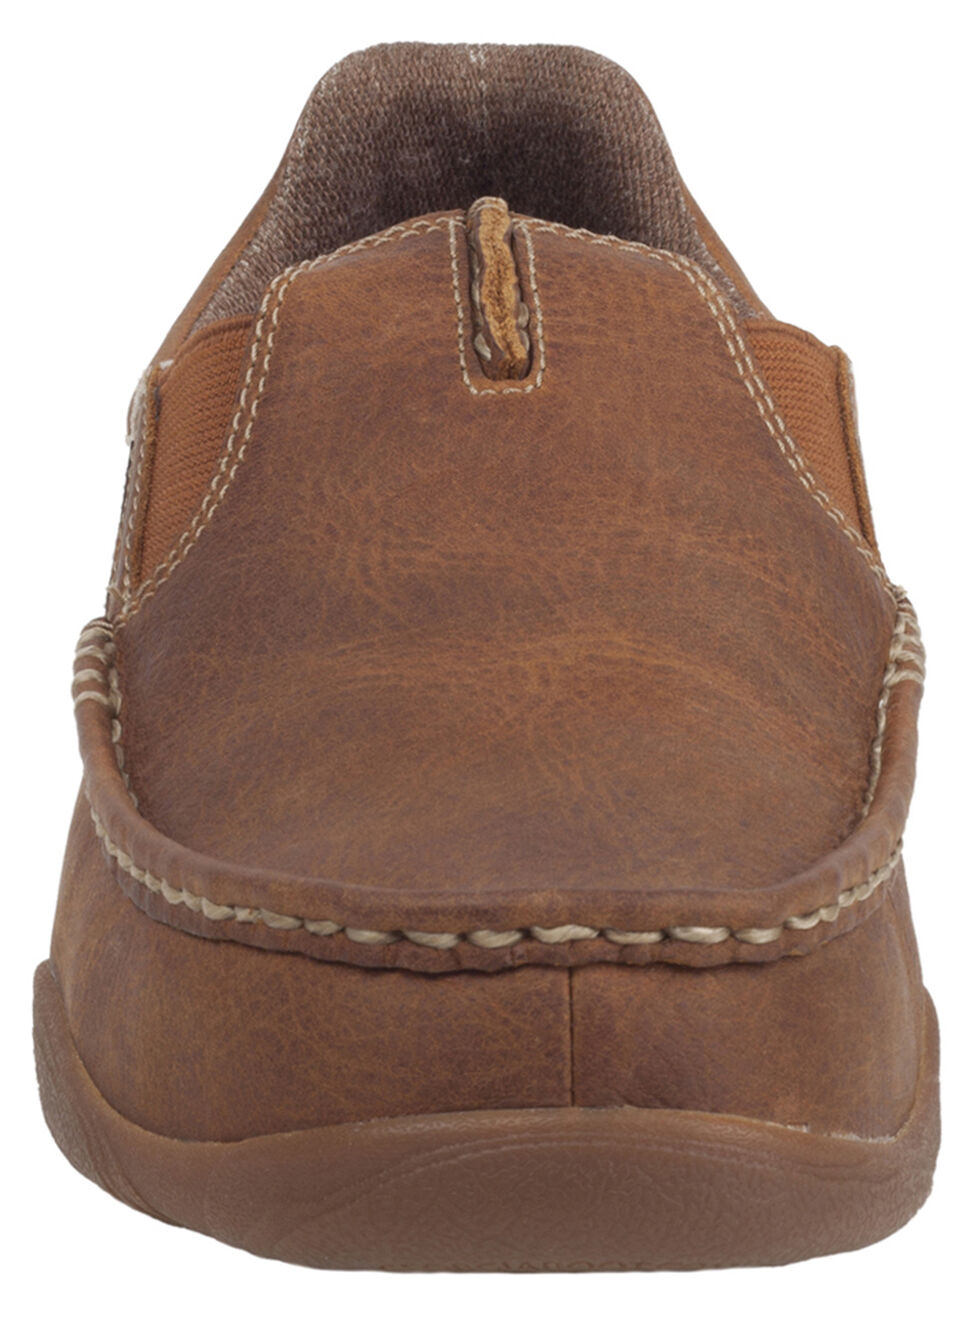 Georgia Cedar Falls Moc-Toe Slip-On Shoes, Tan, hi-res